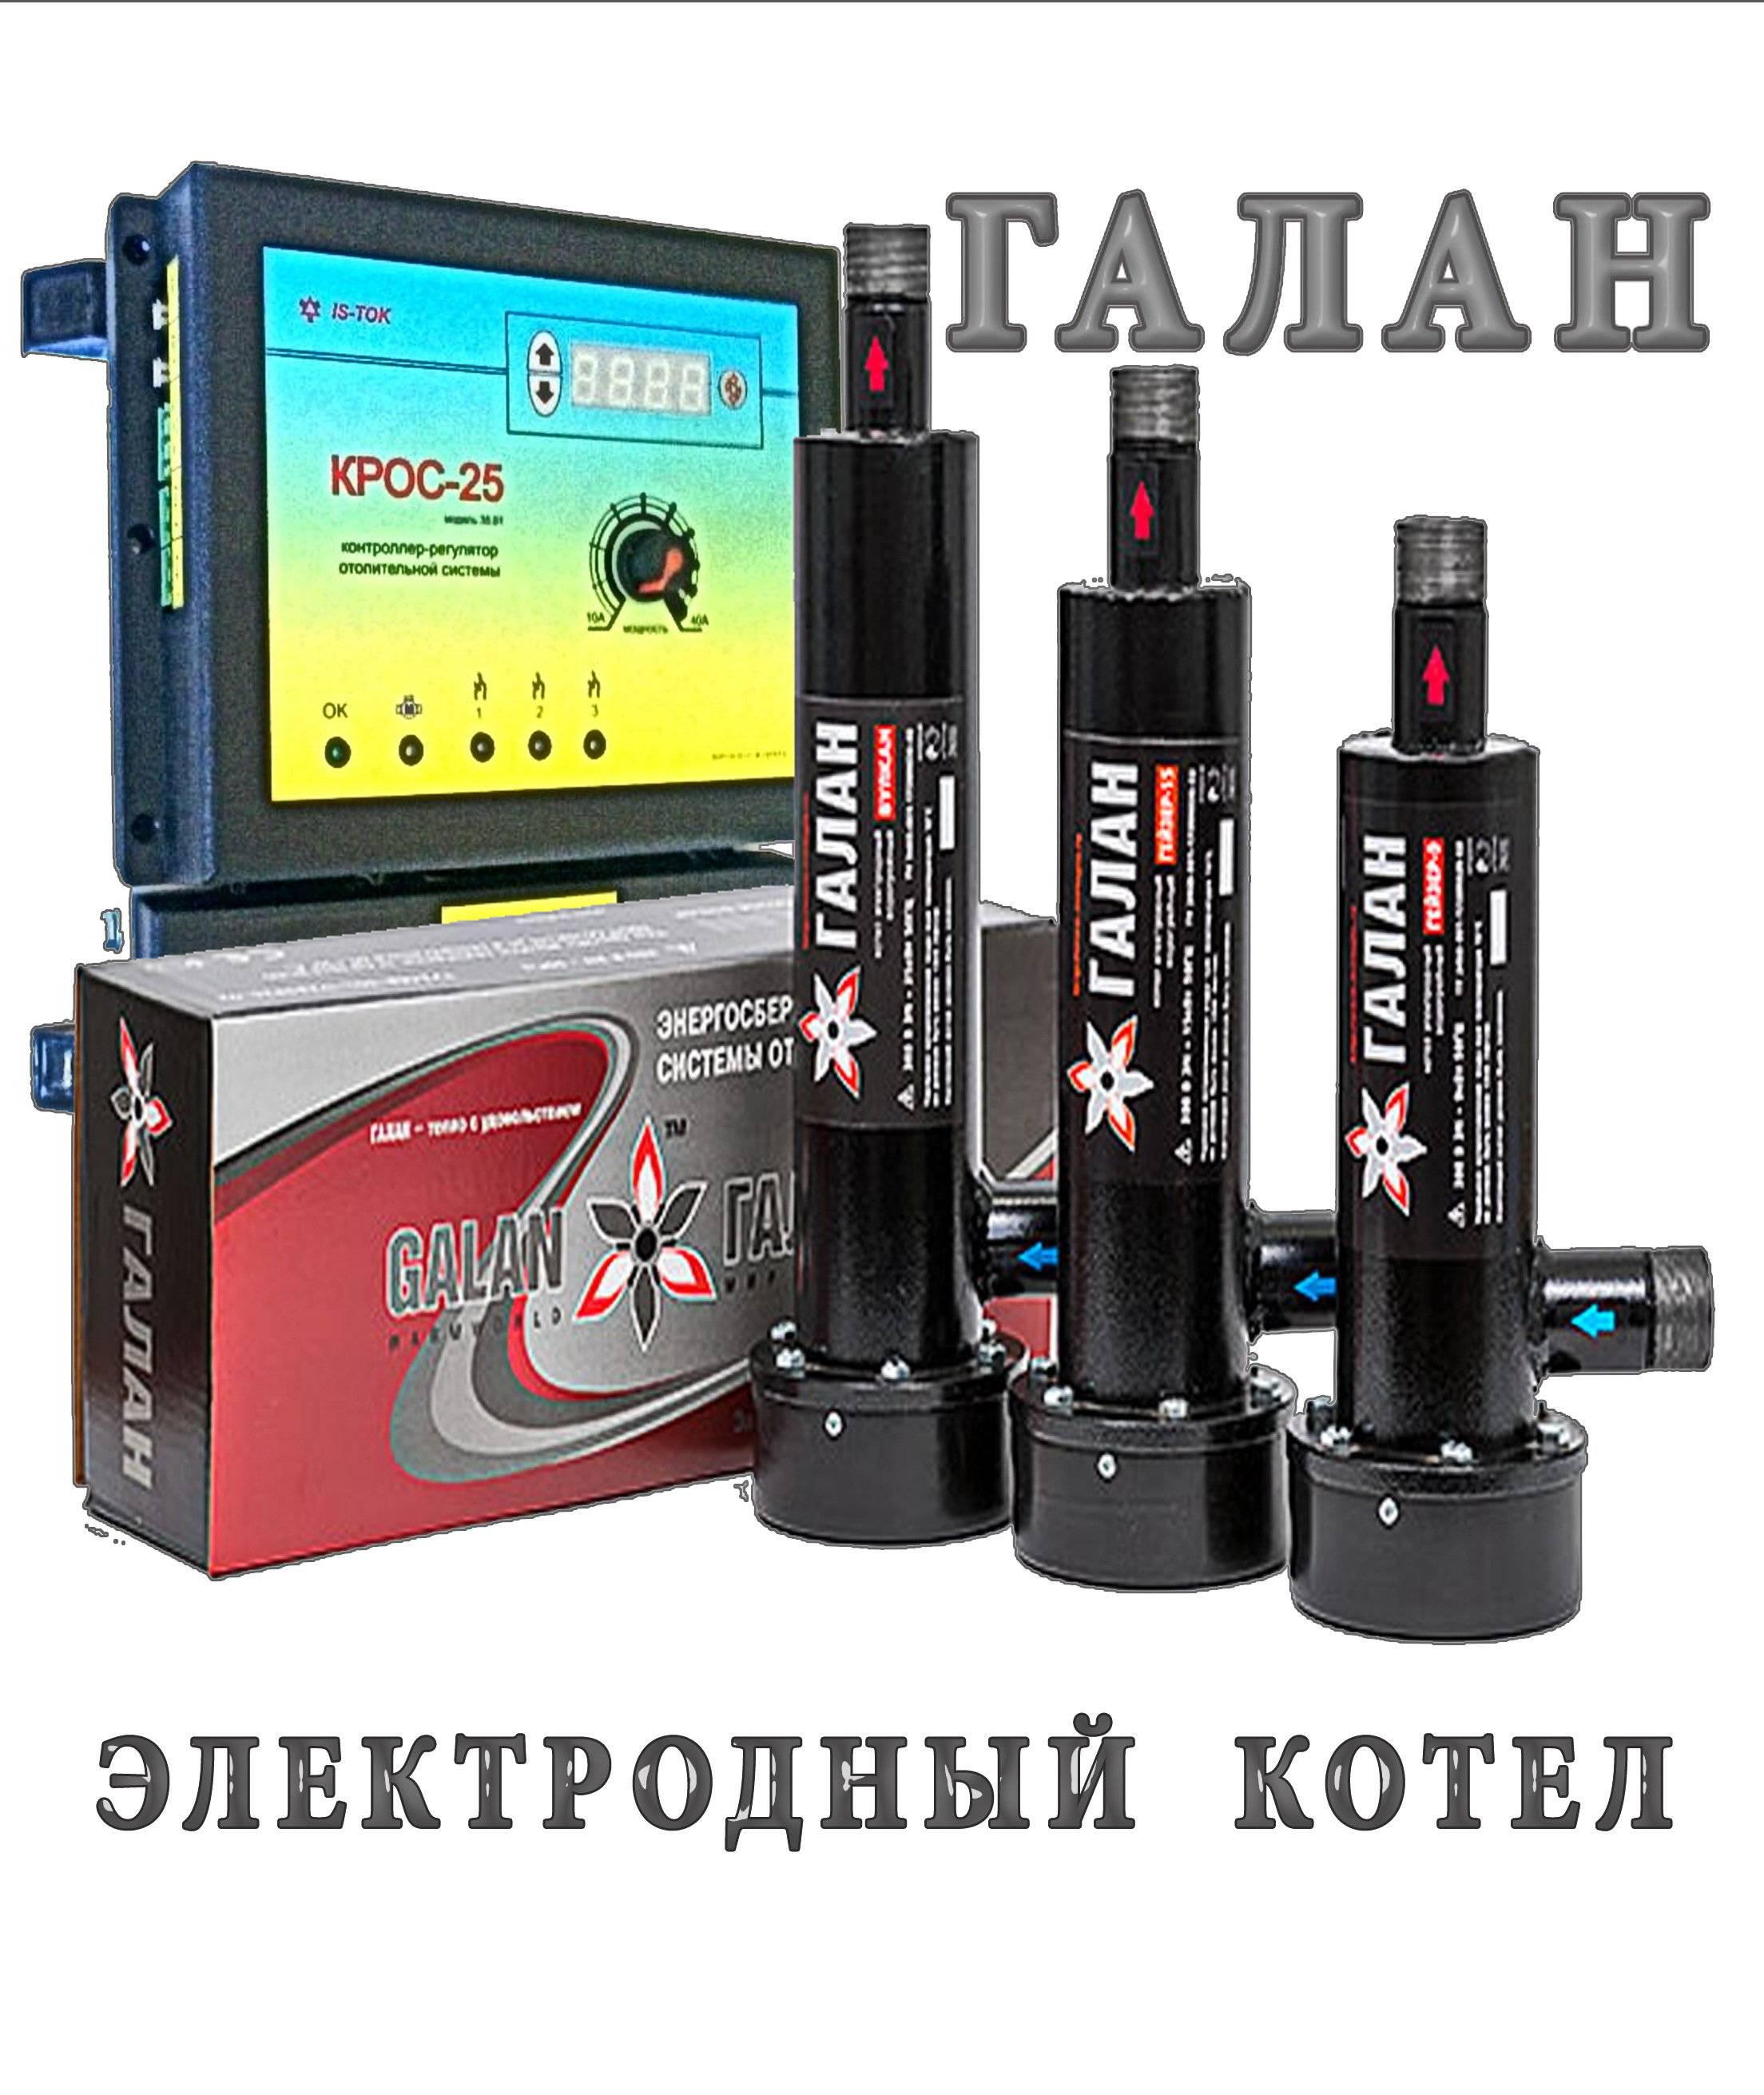 Котел галант: описание системы, технические характеристики, область применения электрокотла